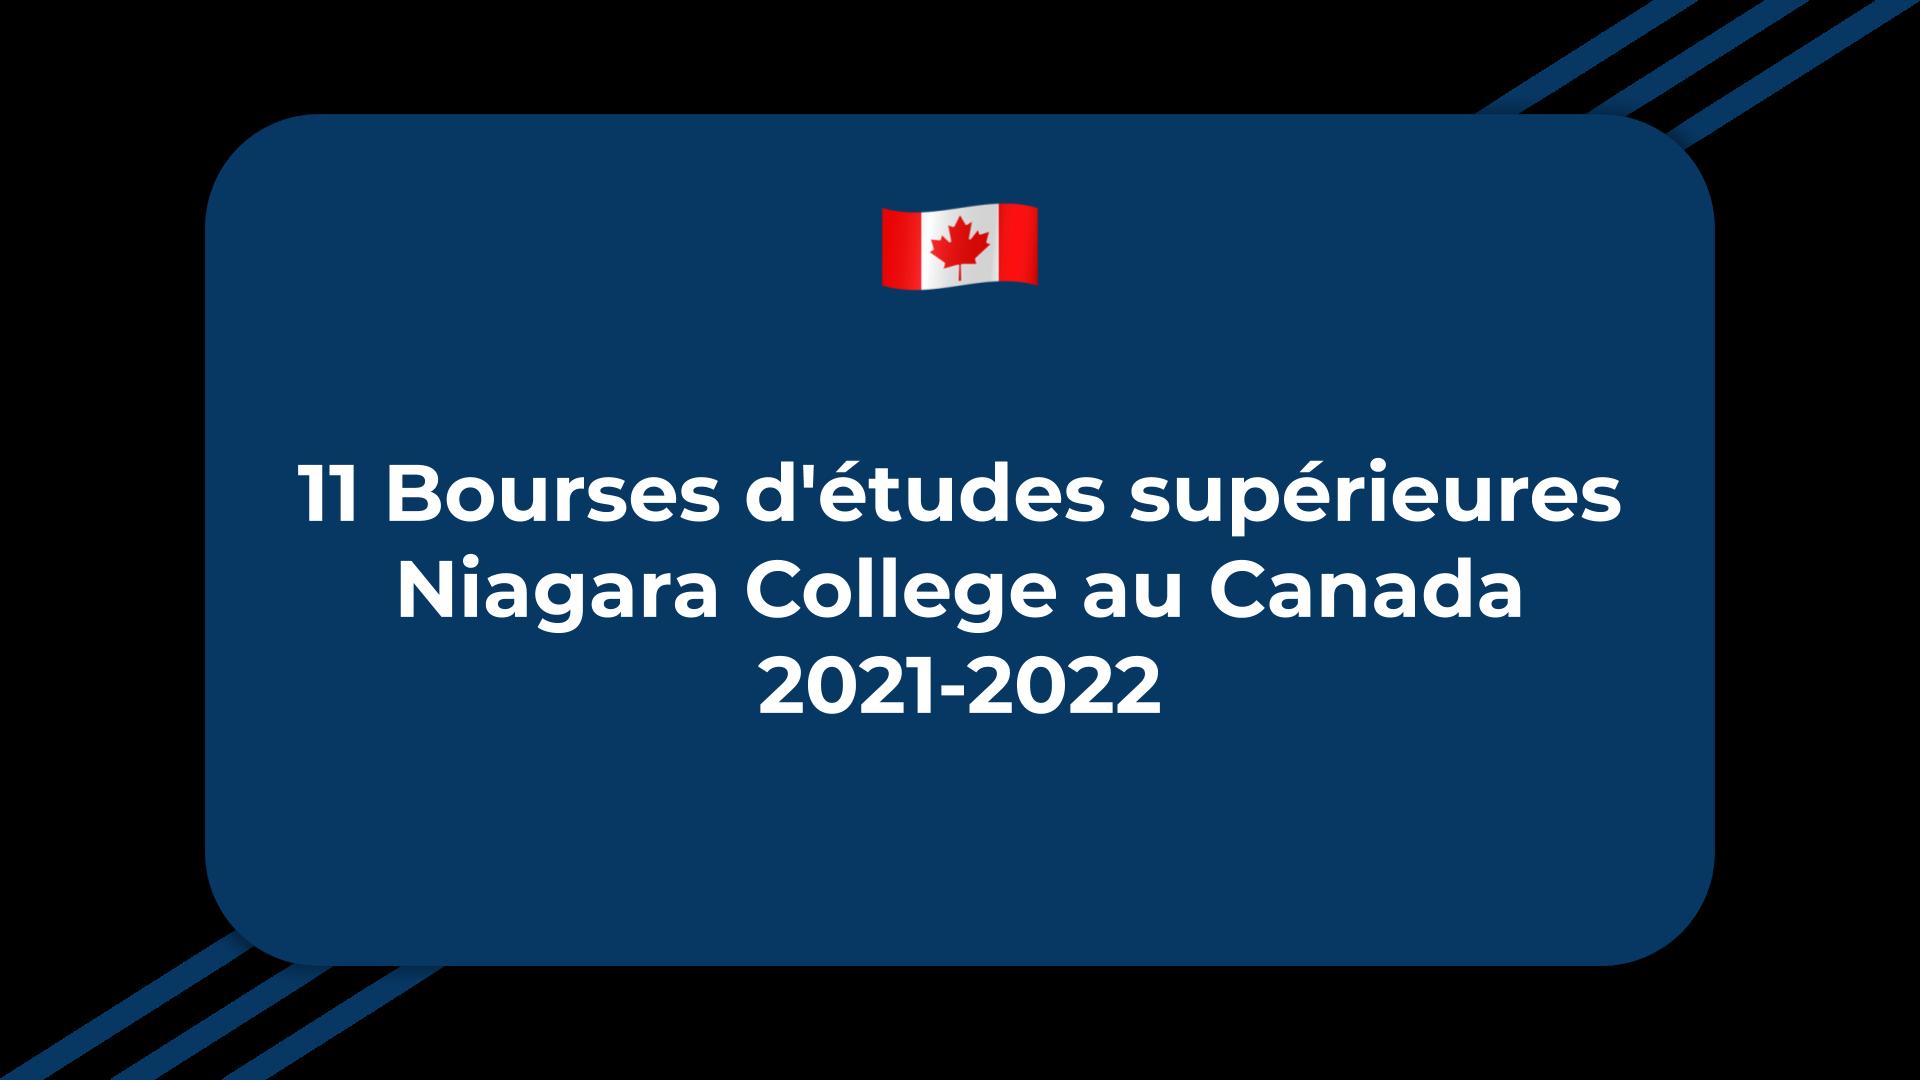 11 Bourses d'études supérieures Niagara College